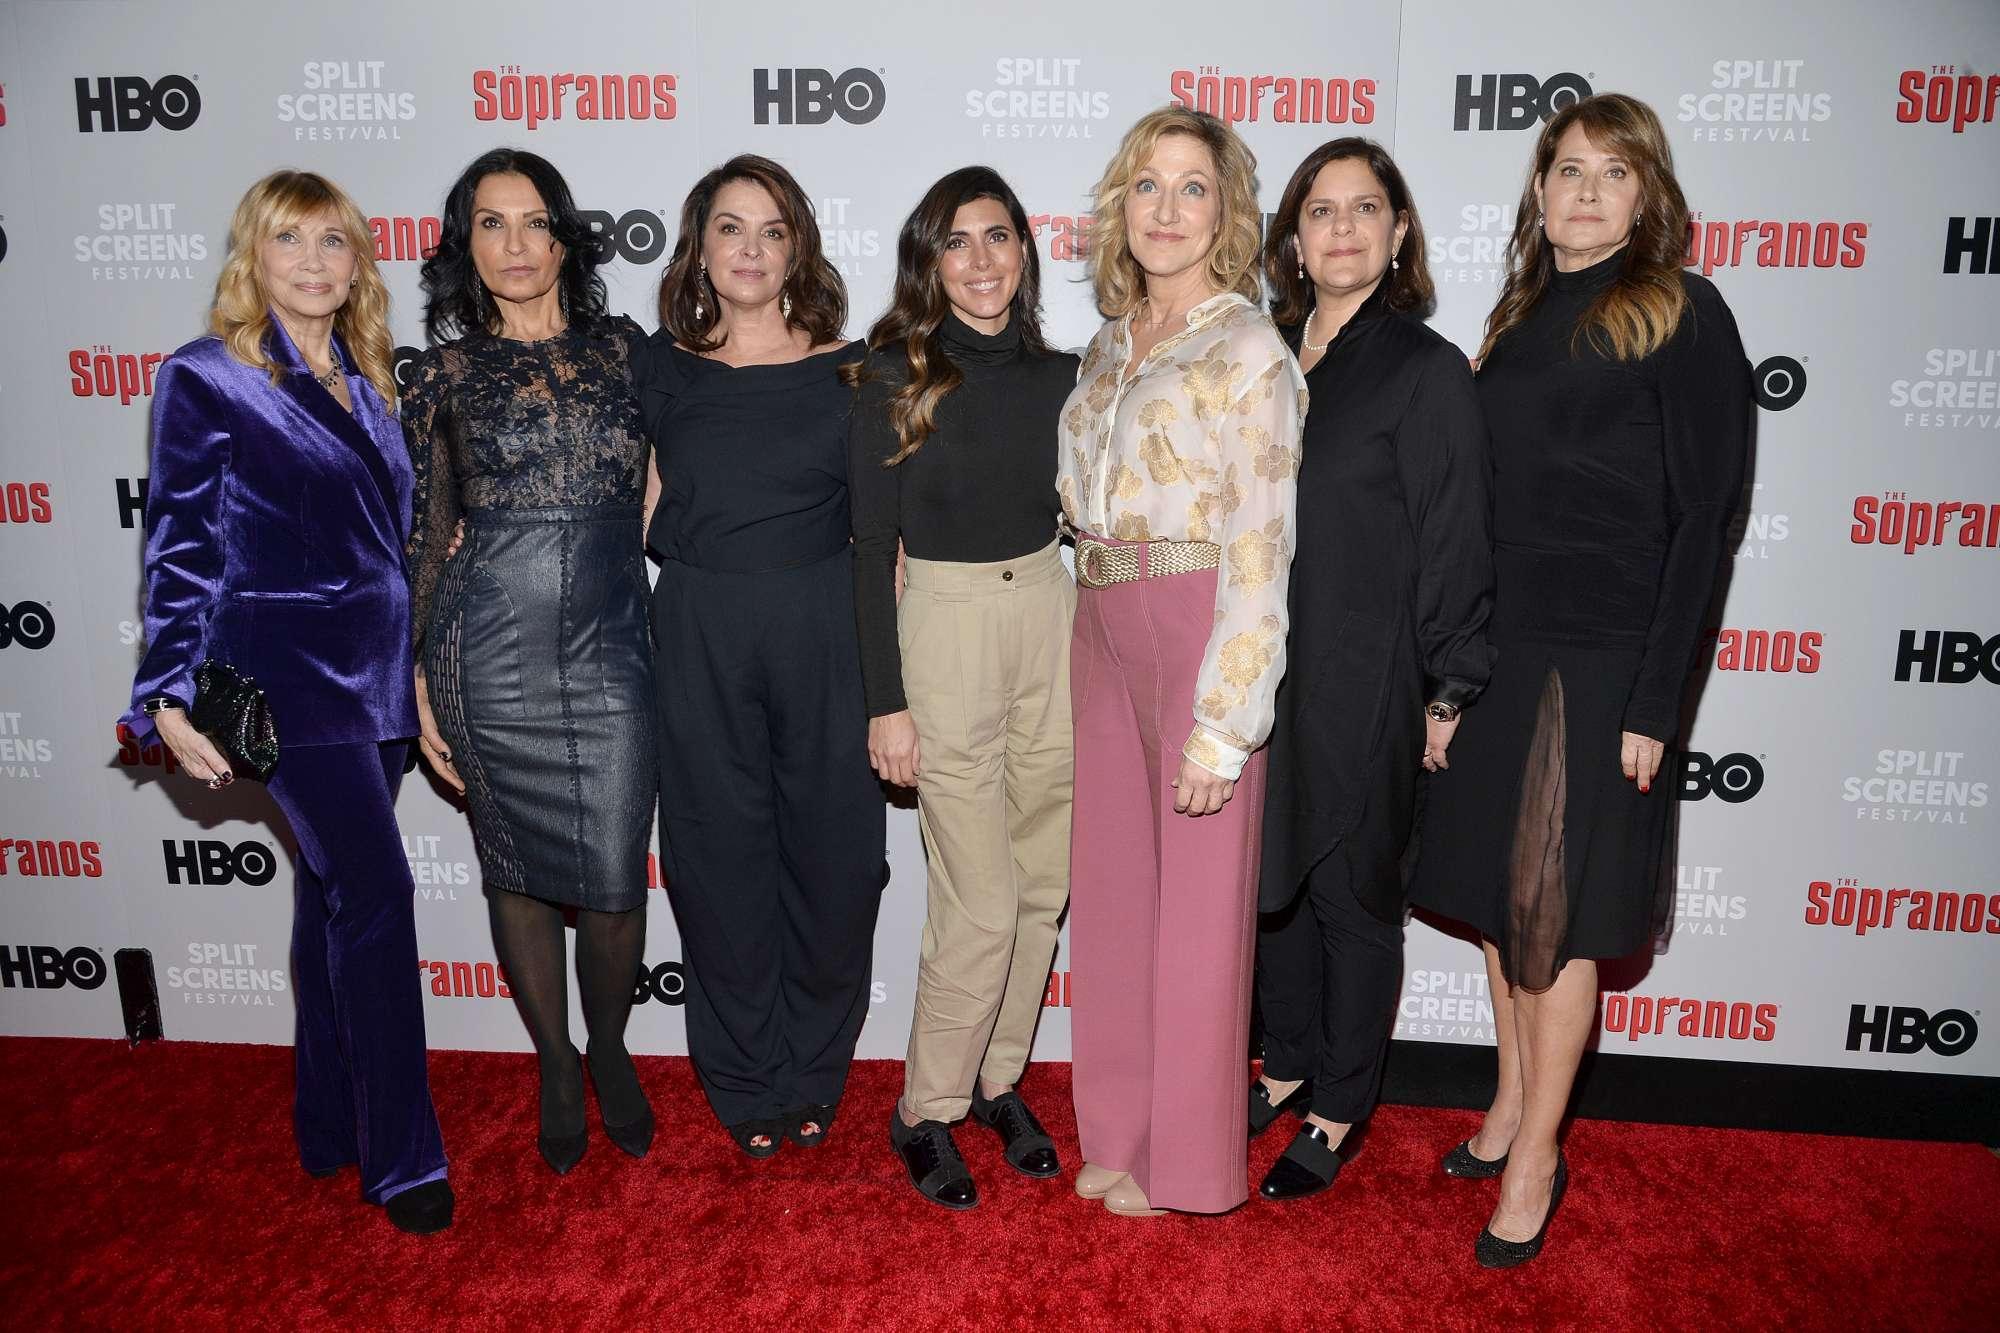 The Sopranos , vent anni fa la prima puntata: storica reunion degli attori